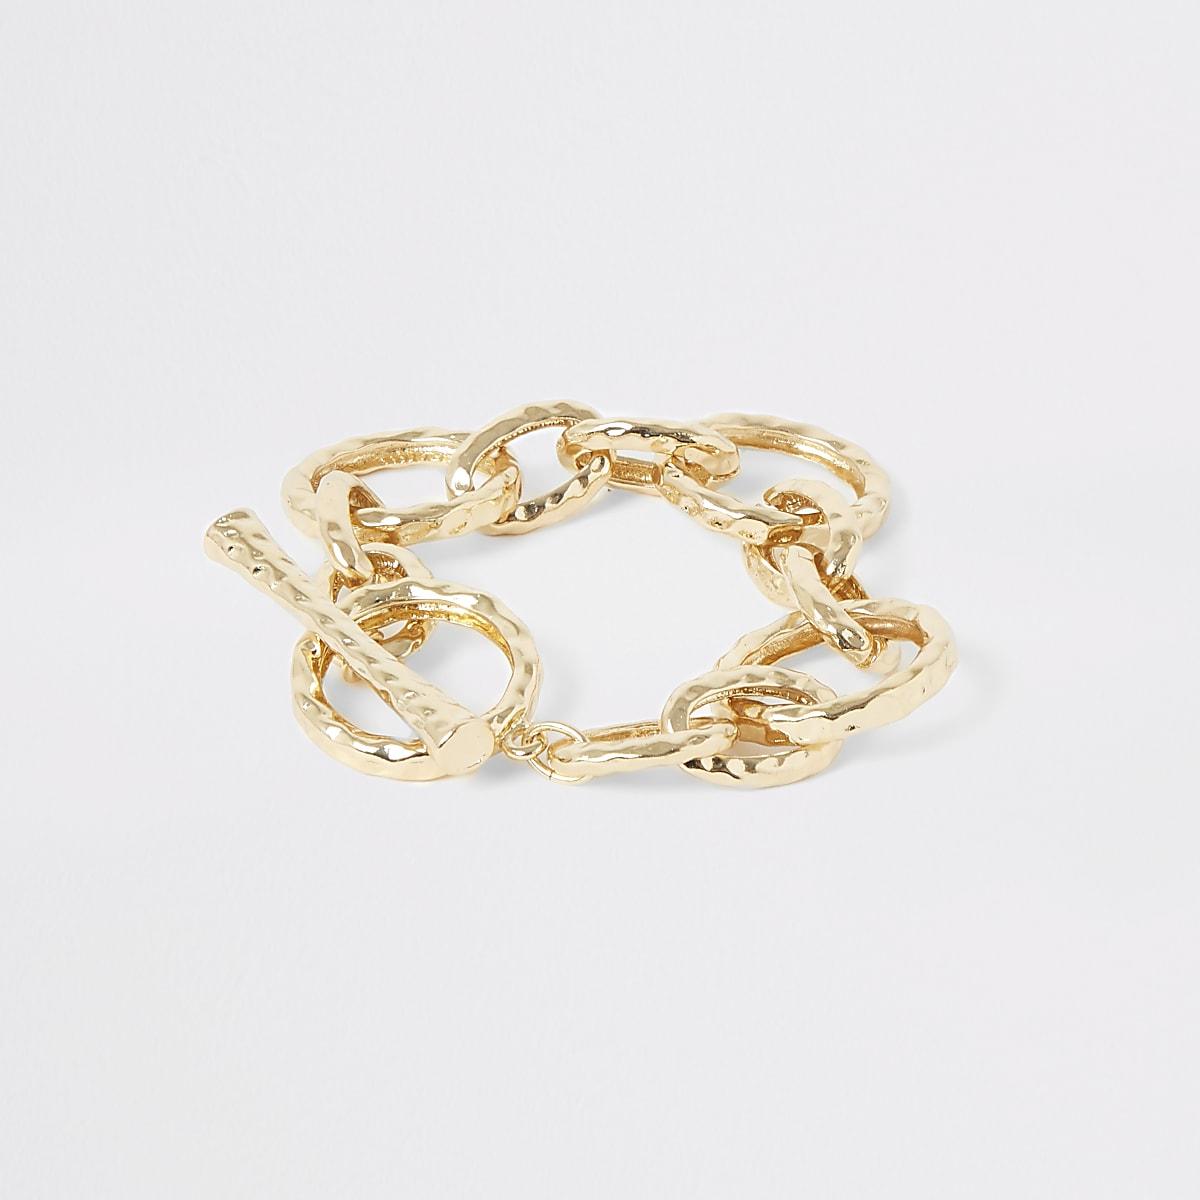 Gold color battered interlink T-bar bracelet